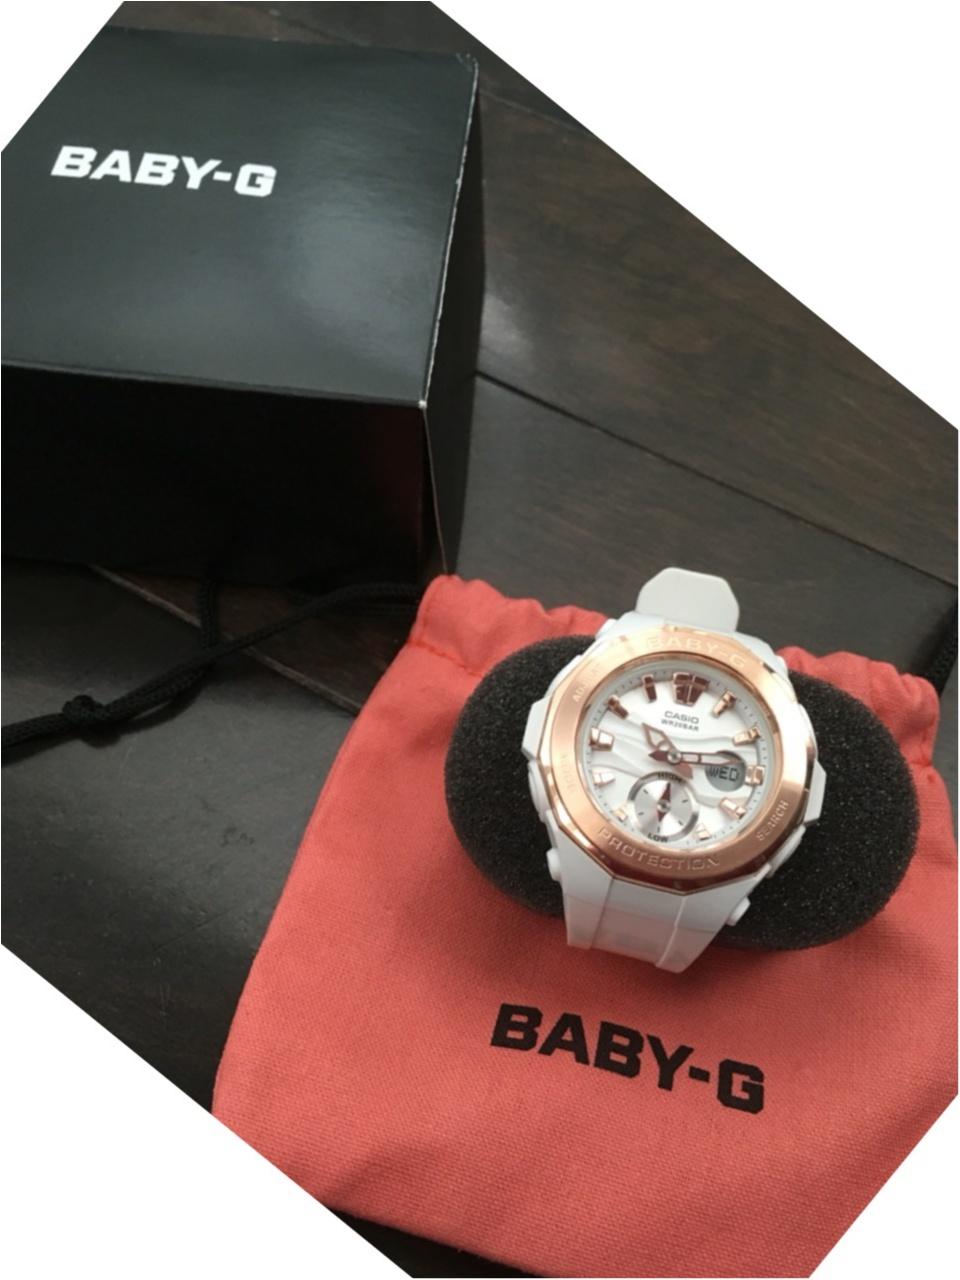 ♡ビーチファッションに合う【新作BABY-G腕時計】オシャレ可愛いitem♡モアハピ◡̈のぞみ♡_15